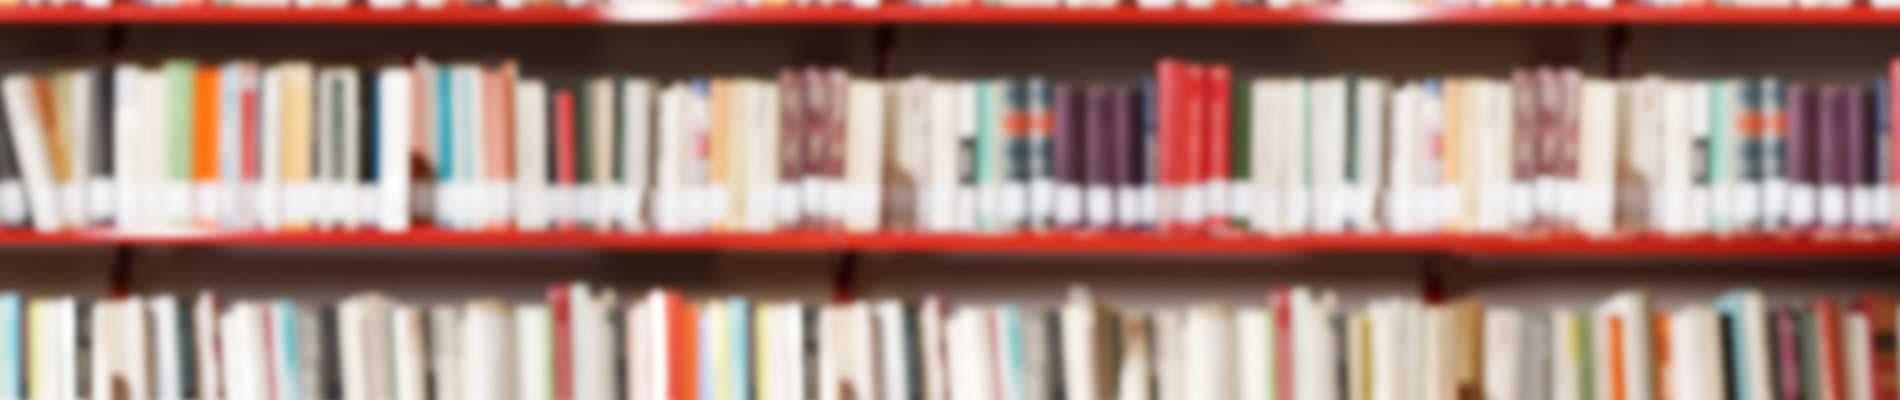 Archivología, bibliotecología y documentación